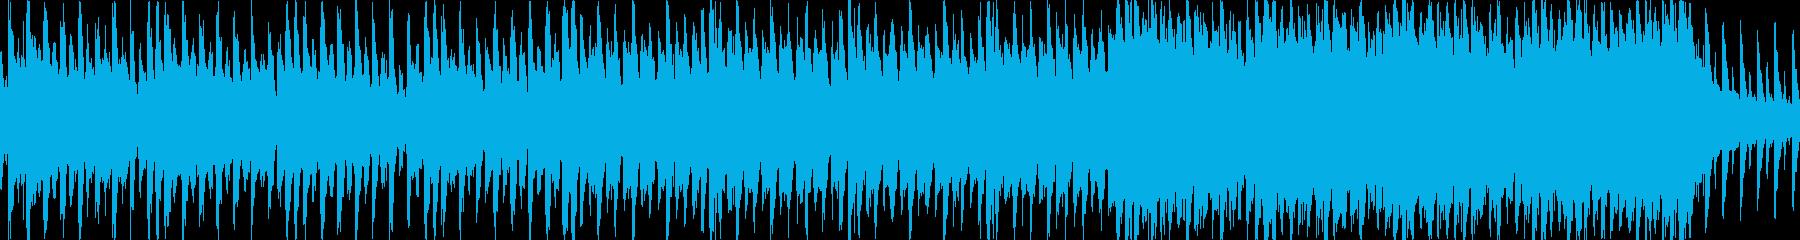 ピアノがキラキラしたJPOP風曲ループaの再生済みの波形